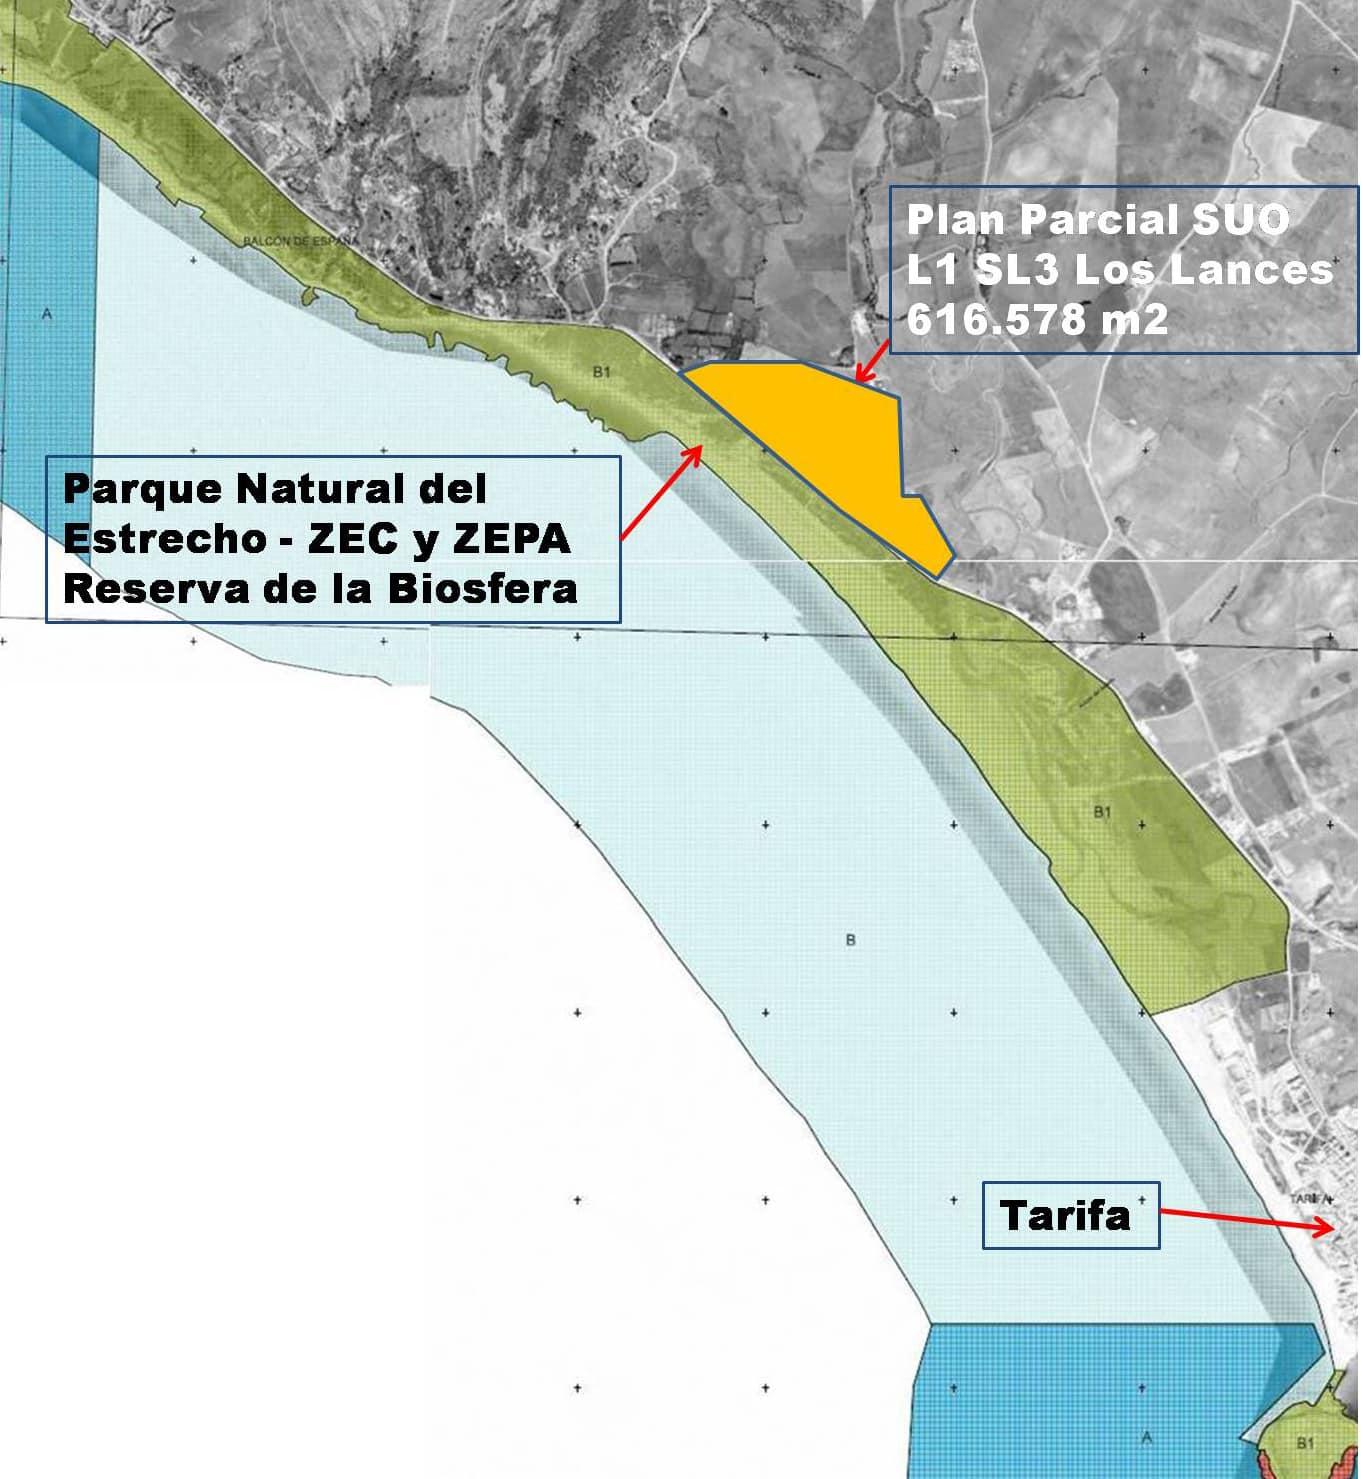 Una nueva macrourbanización pone en peligro las playas vírgenes de Tarifa